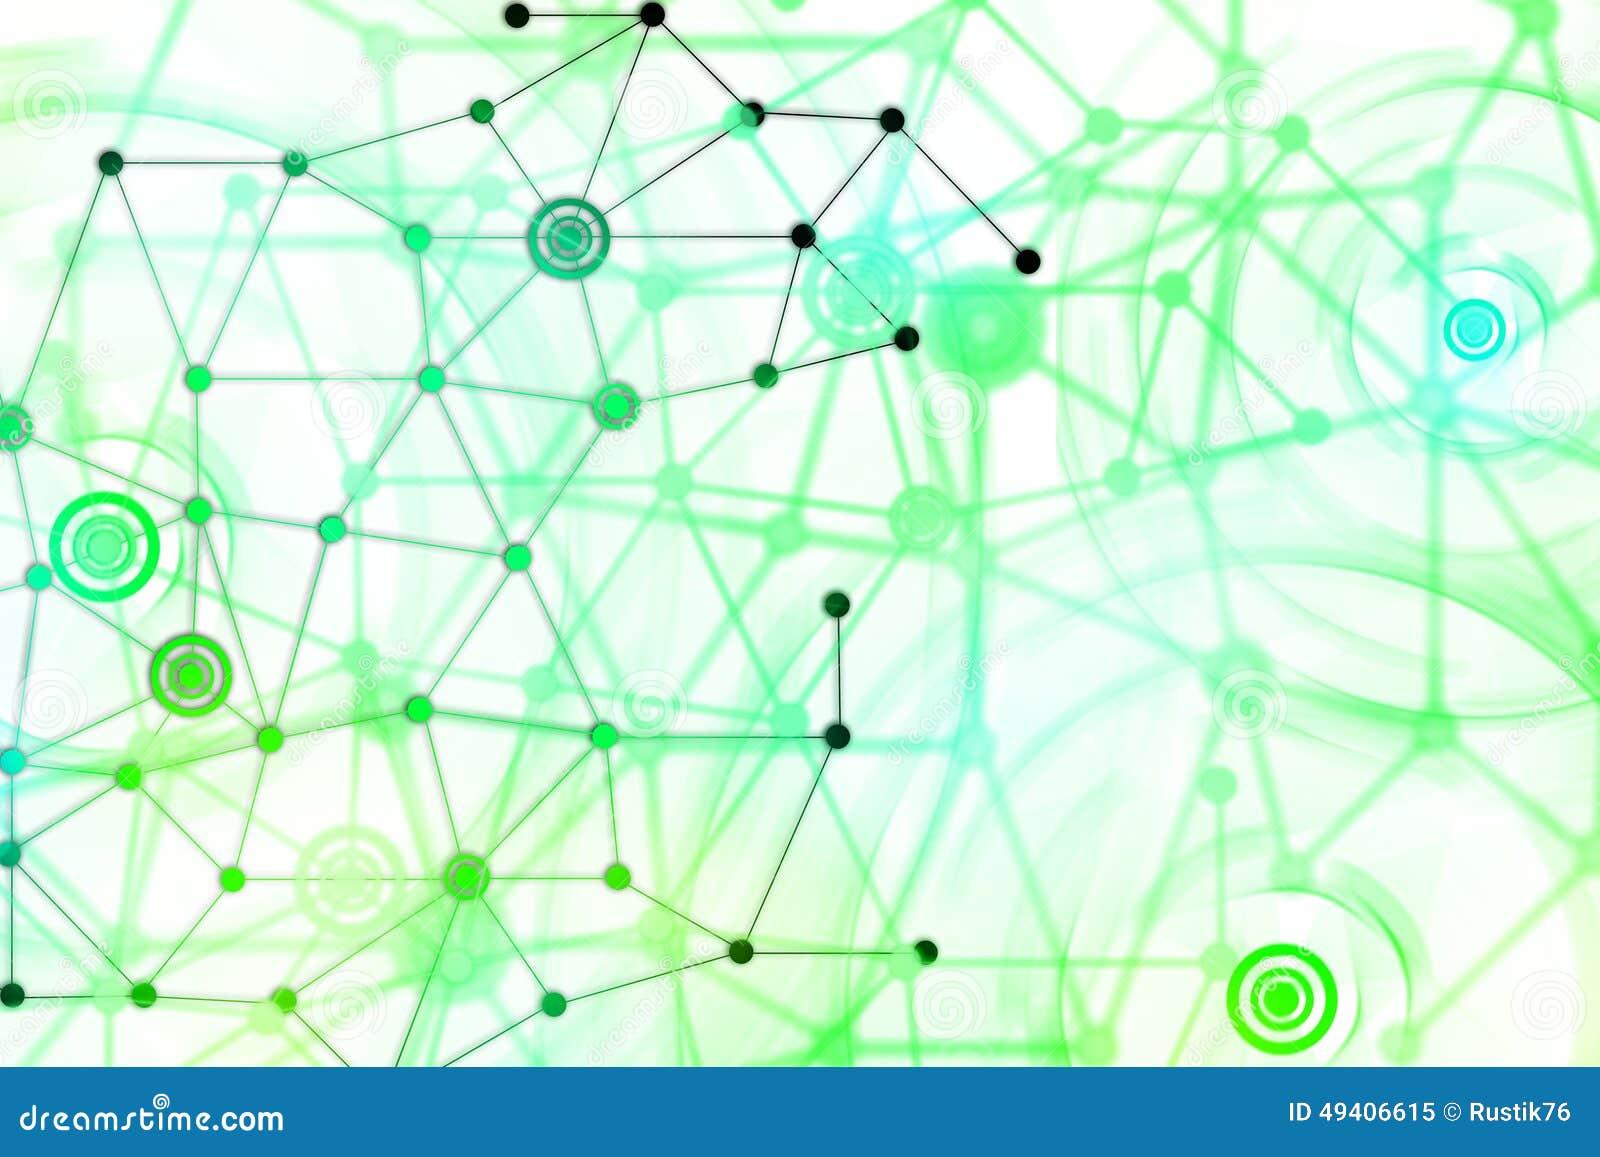 Download Das Netz Von Punkten Auf Einem Weißen Hintergrund Stock Abbildung - Illustration von hintergrund, digital: 49406615